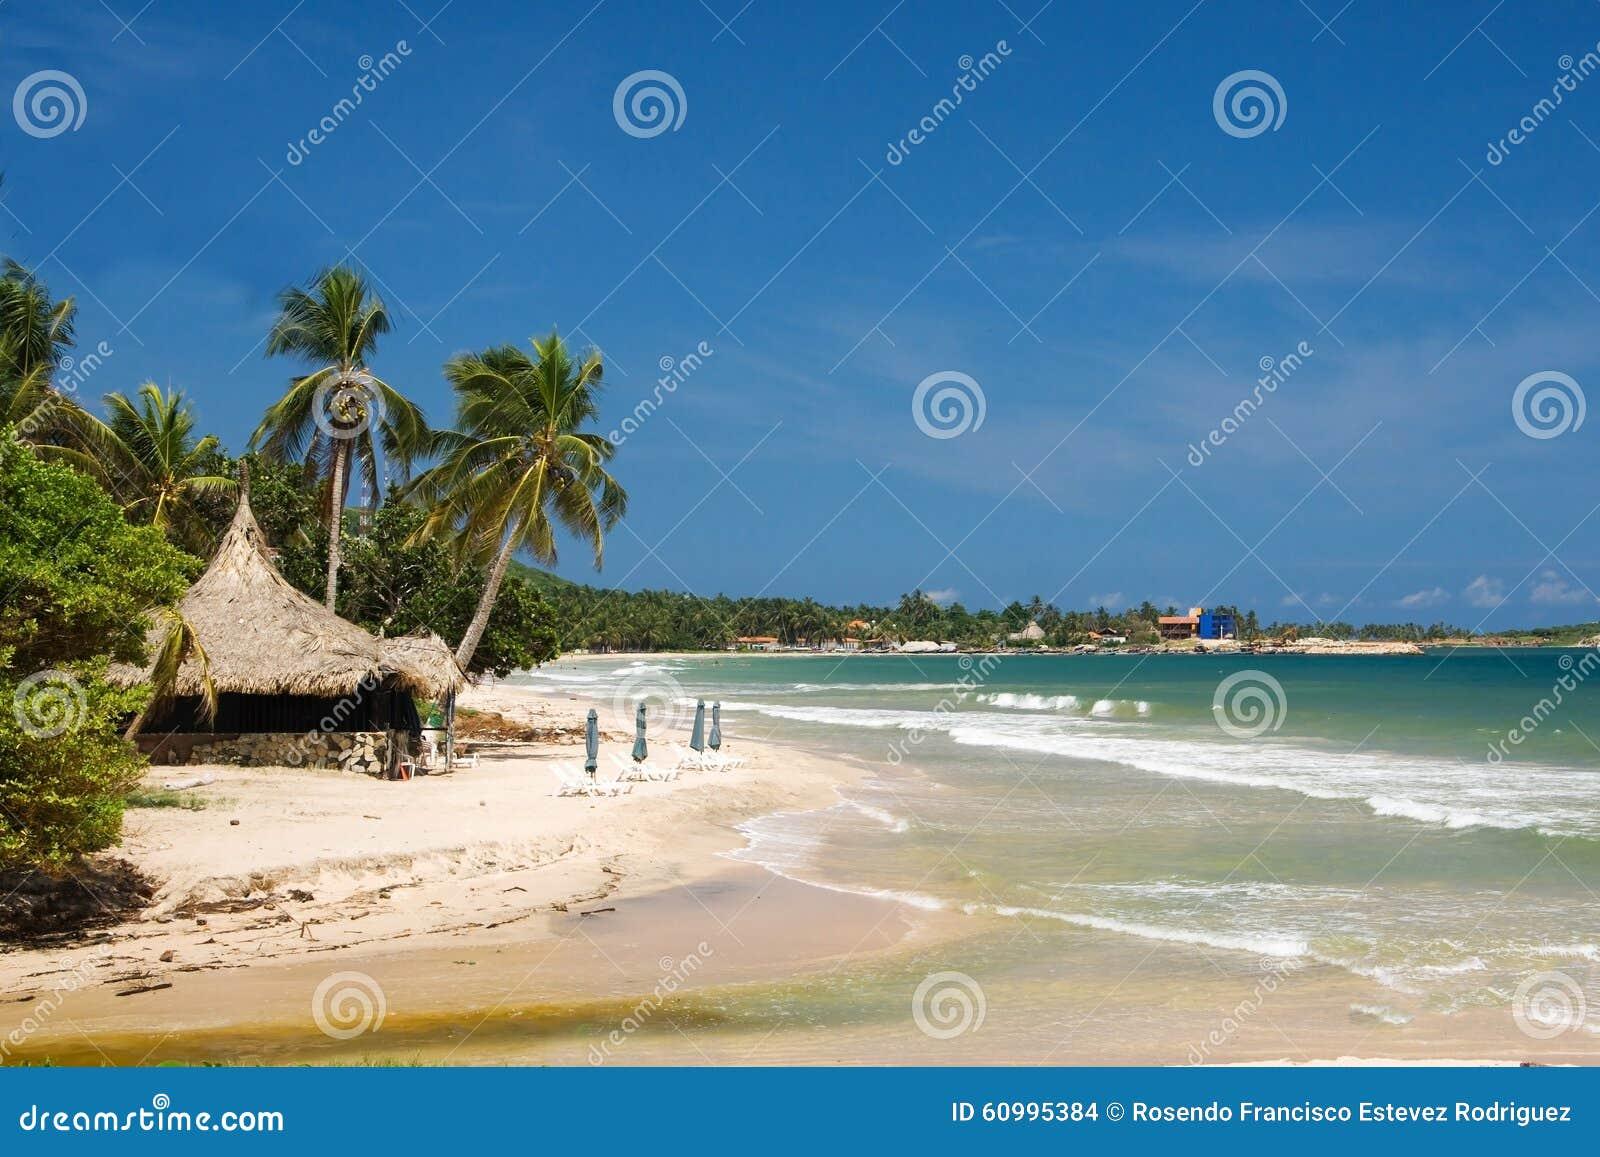 Setzen Sie Auf Margarita Insel Karibisches Meer Venezuela Auf Den